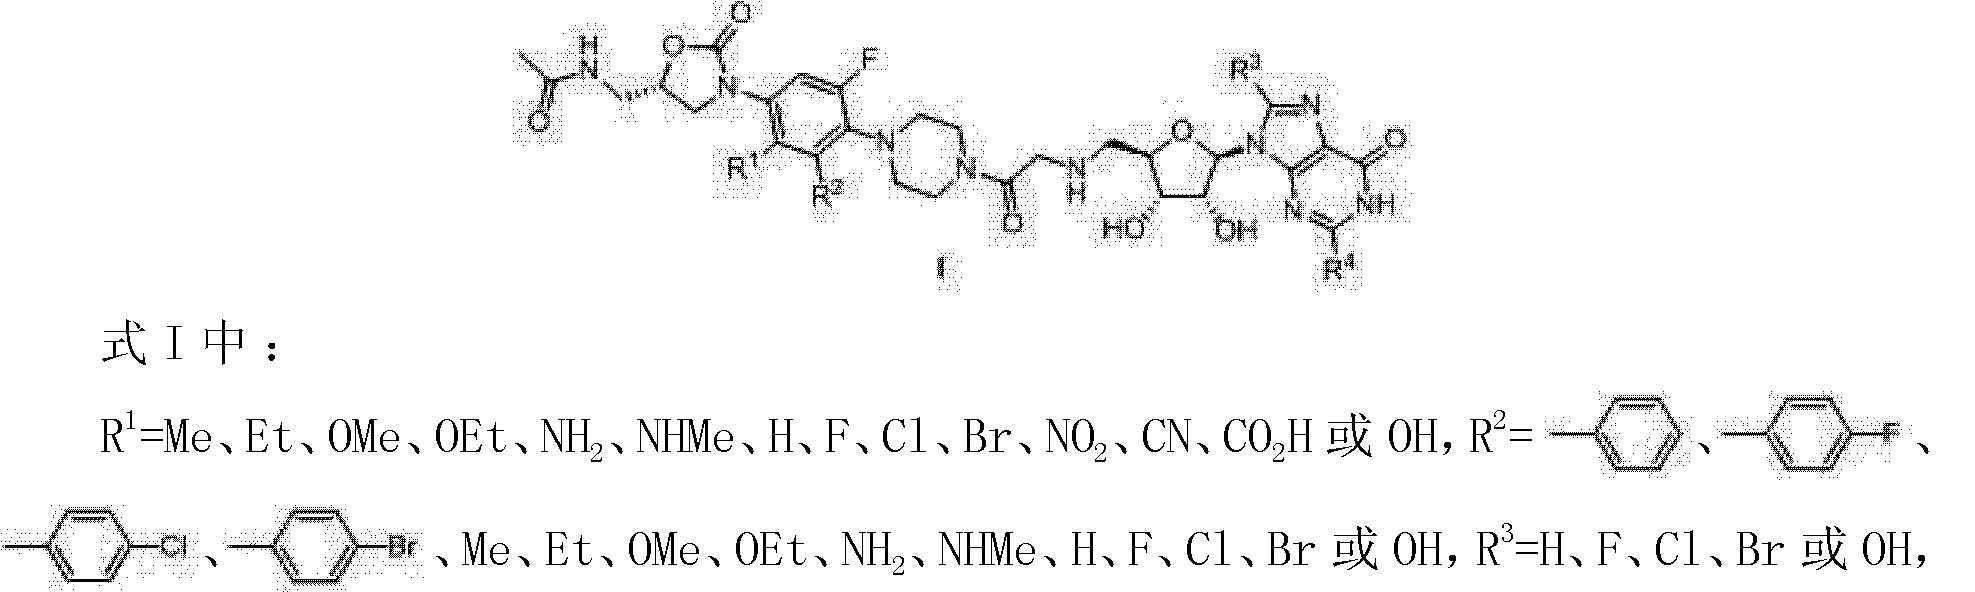 Figure CN104341476AC00021